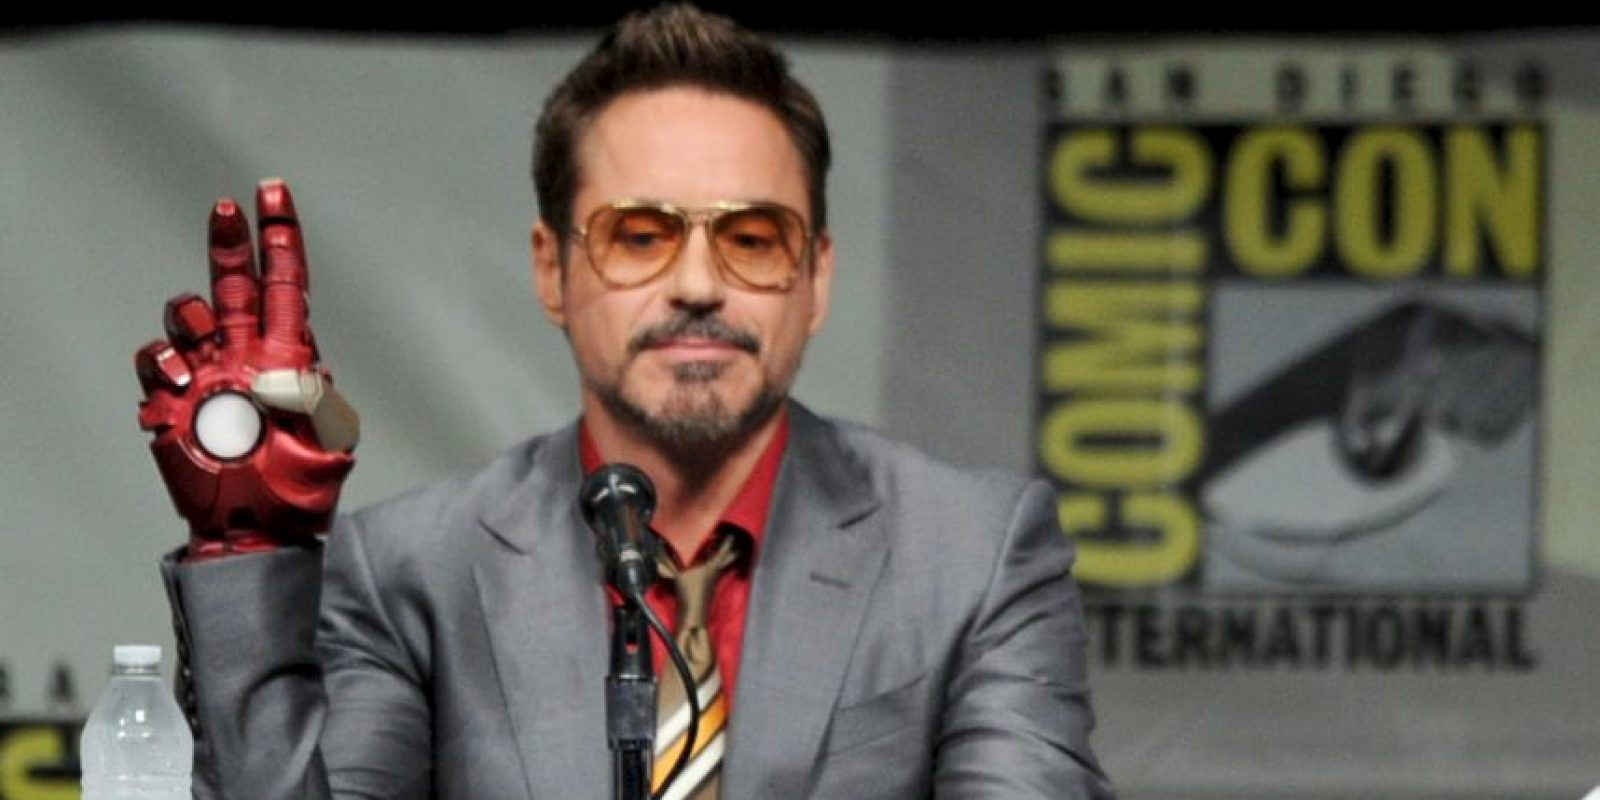 """El rostro detrás de """"Iron Man"""" demostró su buen corazón. Foto:Getty Images"""